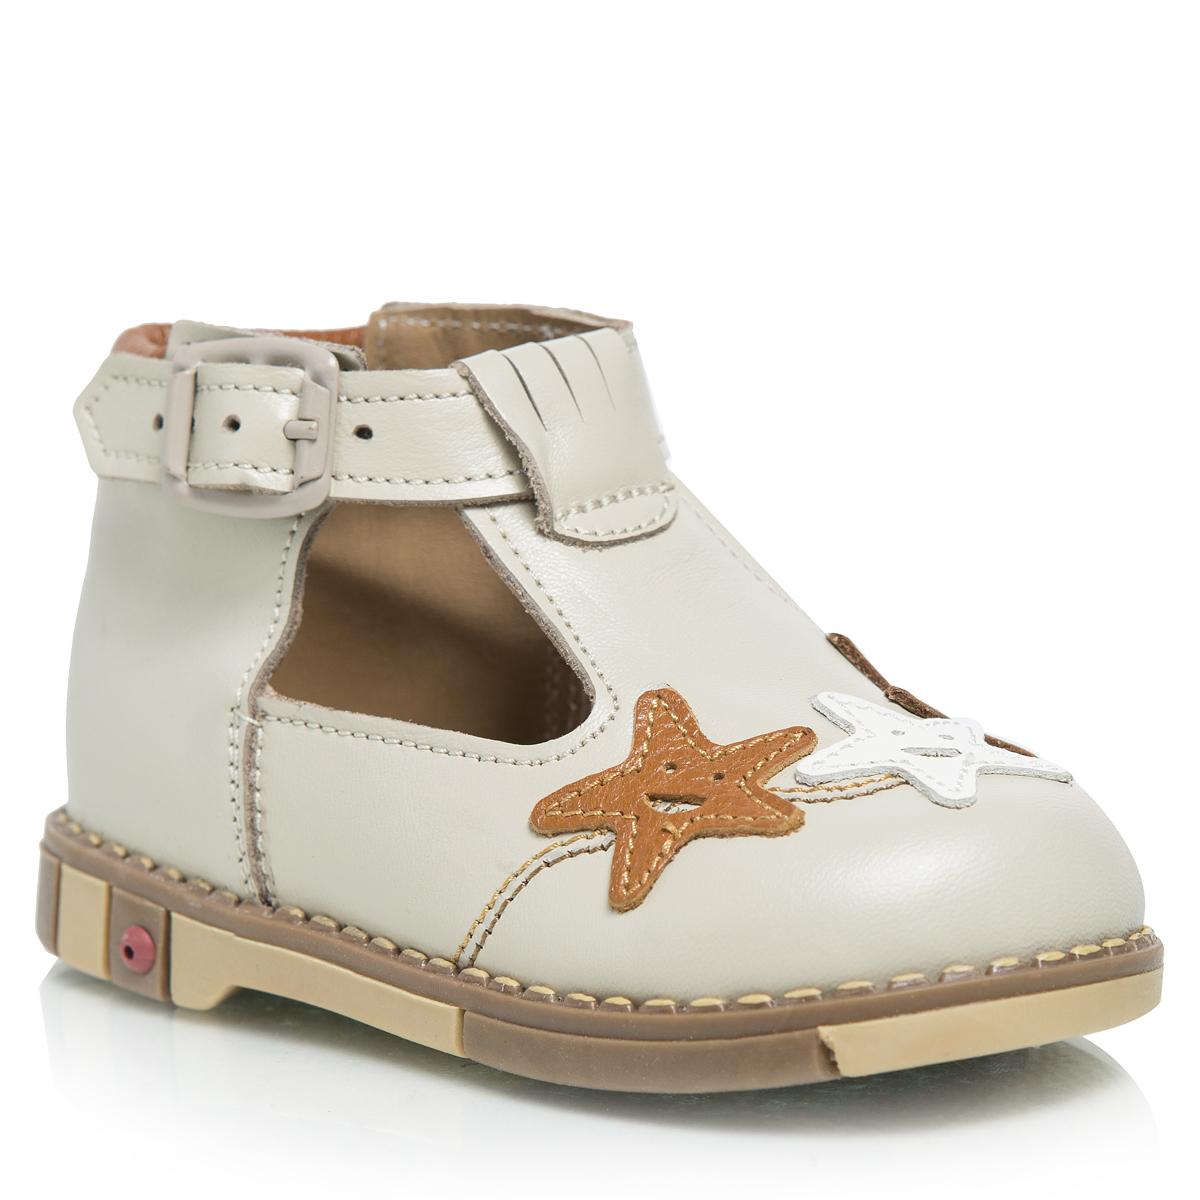 Туфли детские. 226-04226-04Очаровательные детские туфли Таши Орто займут достойное место в гардеробе вашего ребенка. Модель выполнена из натуральной кожи. Ремешок на застежке-пряжке помогает оптимально подогнать полноту обуви по ноге и гарантирует надежную фиксацию. Подъем изделия декорирован нашивками в форме звезды с улыбкой. Литая анатомическая стелька из натуральной кожи со сводоподдерживающим элементом и латексным покрытием, не продавливающаяся во время носки, обеспечивает правильное формирование стопы. Благодаря использованию современных внутренних материалов позволяет оптимально распределить нагрузку по всей площади стопы, дает ножке ощущение мягкости и комфорта. Мягкая верхняя часть, которая плотно прилегает к ножке, и подкладка, изготовленная из натуральной кожи, позволяют избежать натирания. Полужесткий задник фиксирует ножку ребенка, не давая ей смещаться из стороны в сторону и назад. Широкий, устойчивый каблук, специальной конфигурации каблук Томаса, продлен с внутренней стороны до...